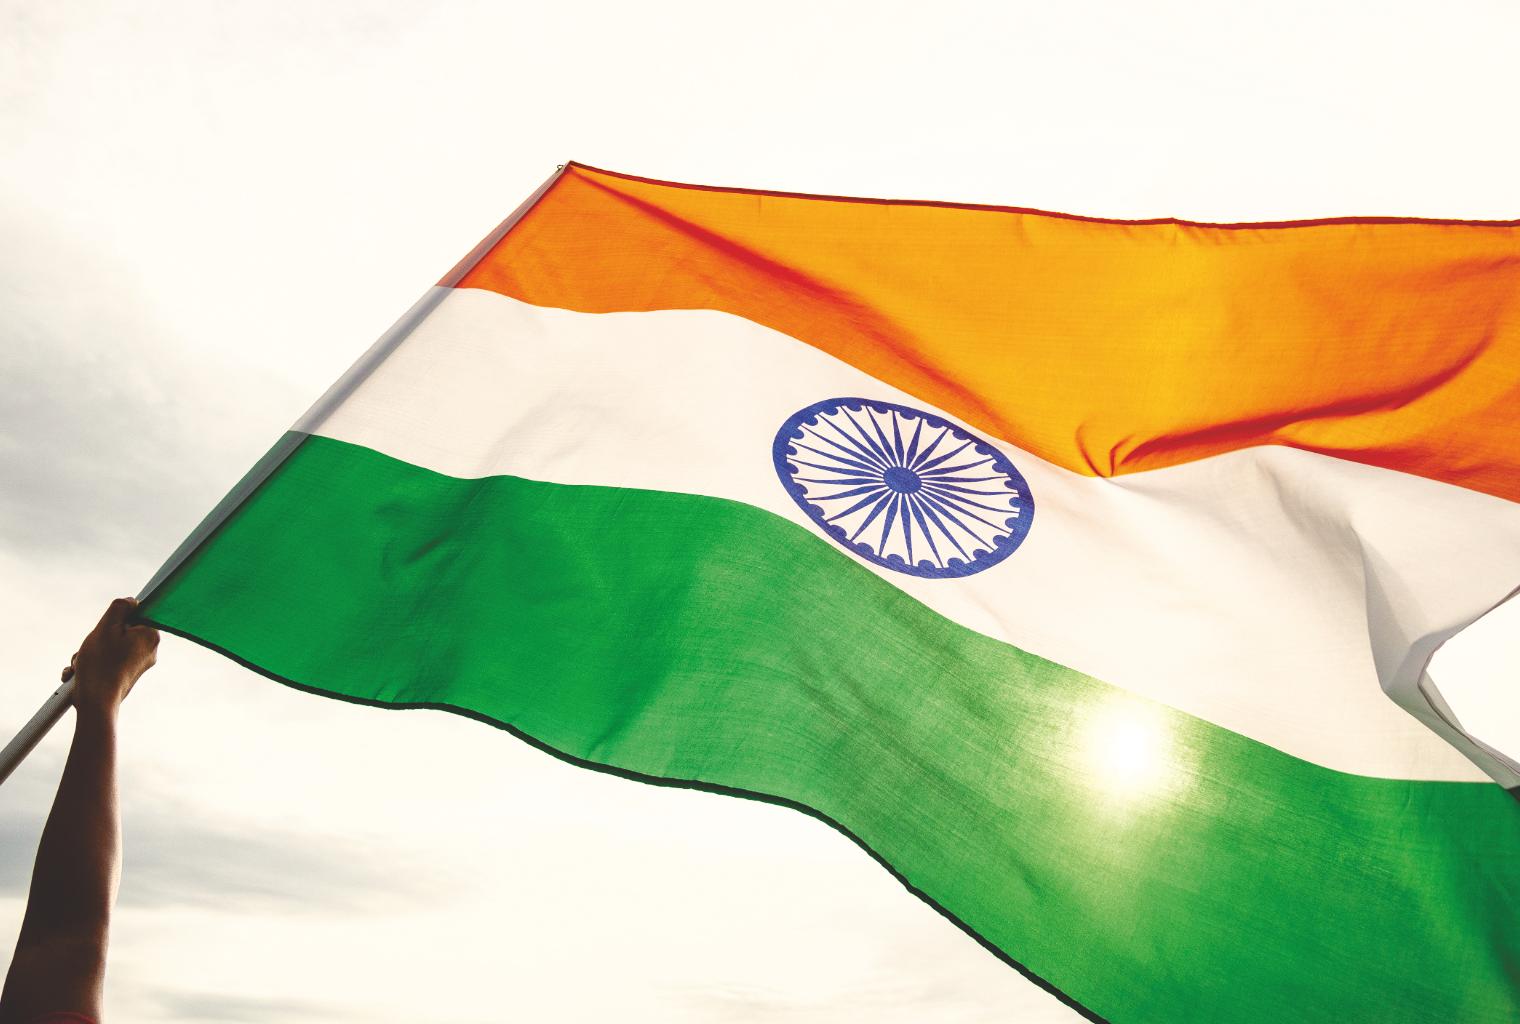 El comercio de criptomonedas aumenta en India motivado por el confinamiento durante la pandemia, según señala un informe